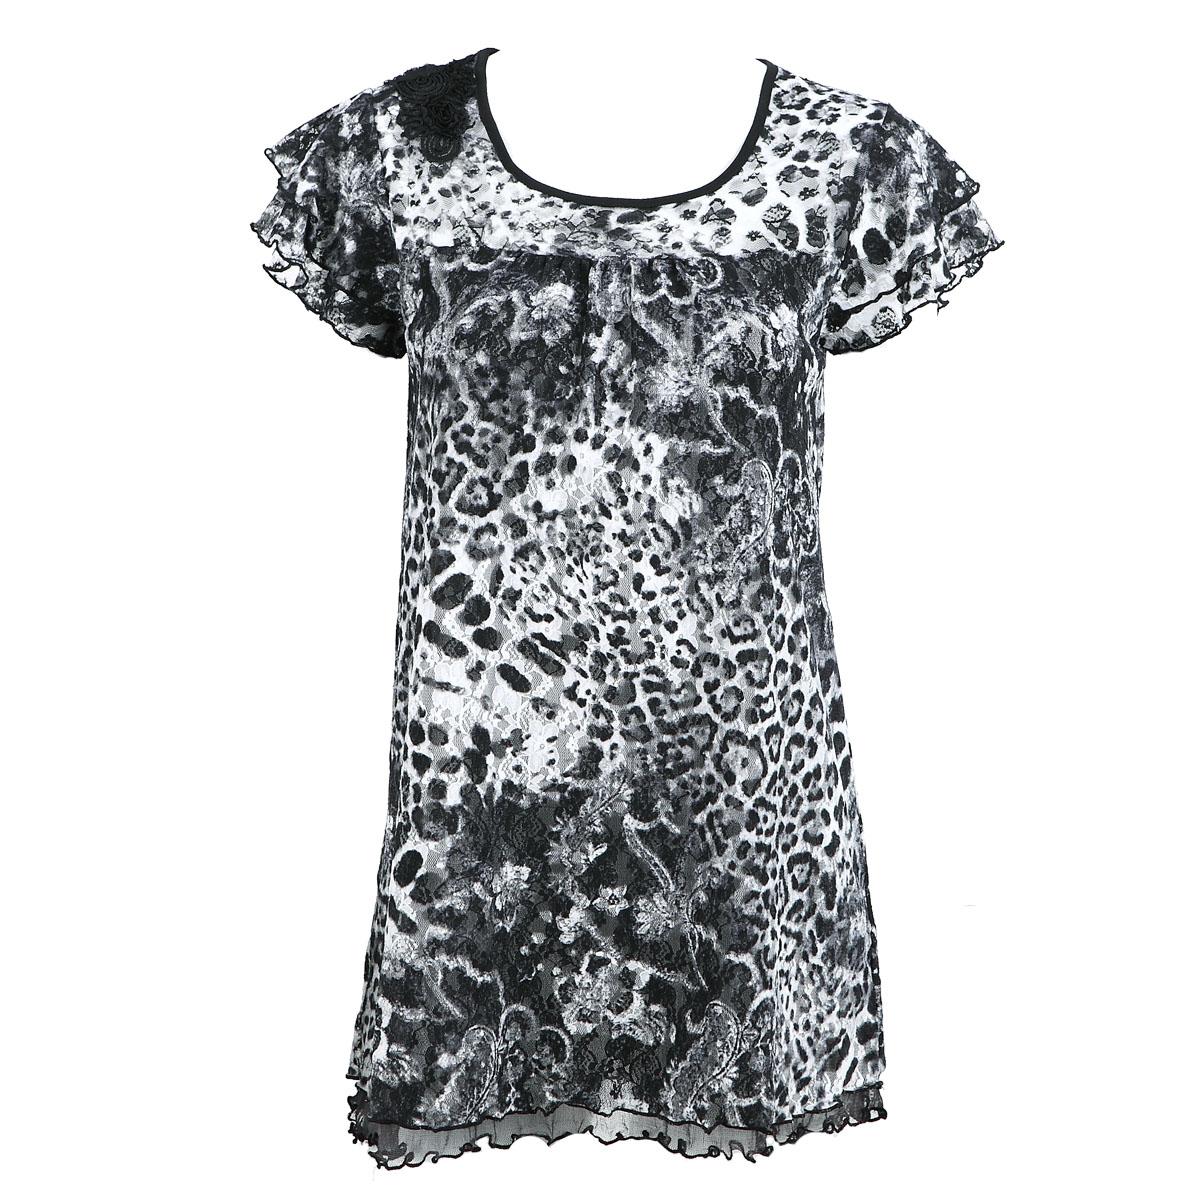 Цвет: Черно-белый леопард 7186